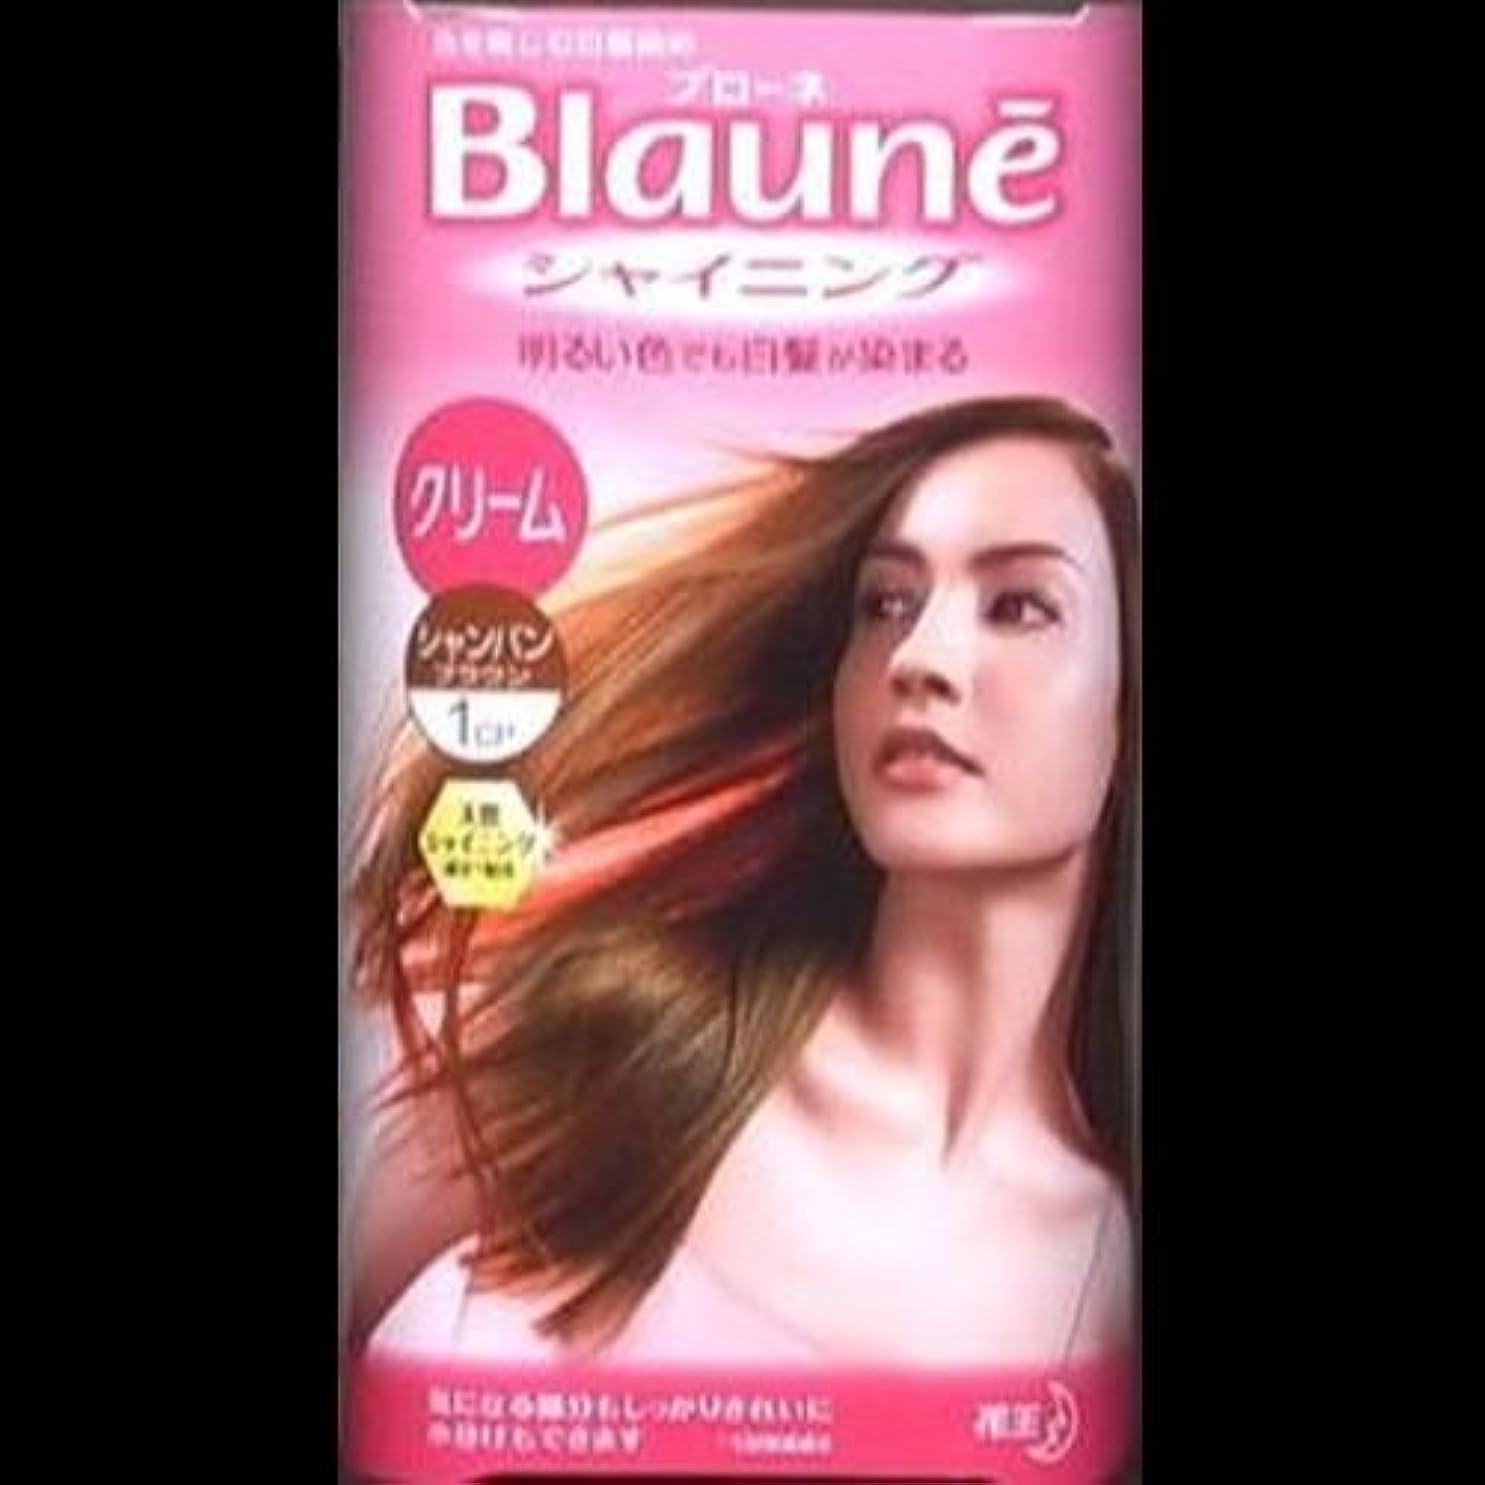 木マーキング代わりに【まとめ買い】ブローネシャイニングヘアカラークリーム 1CP シャンパンブラウン ×2セット